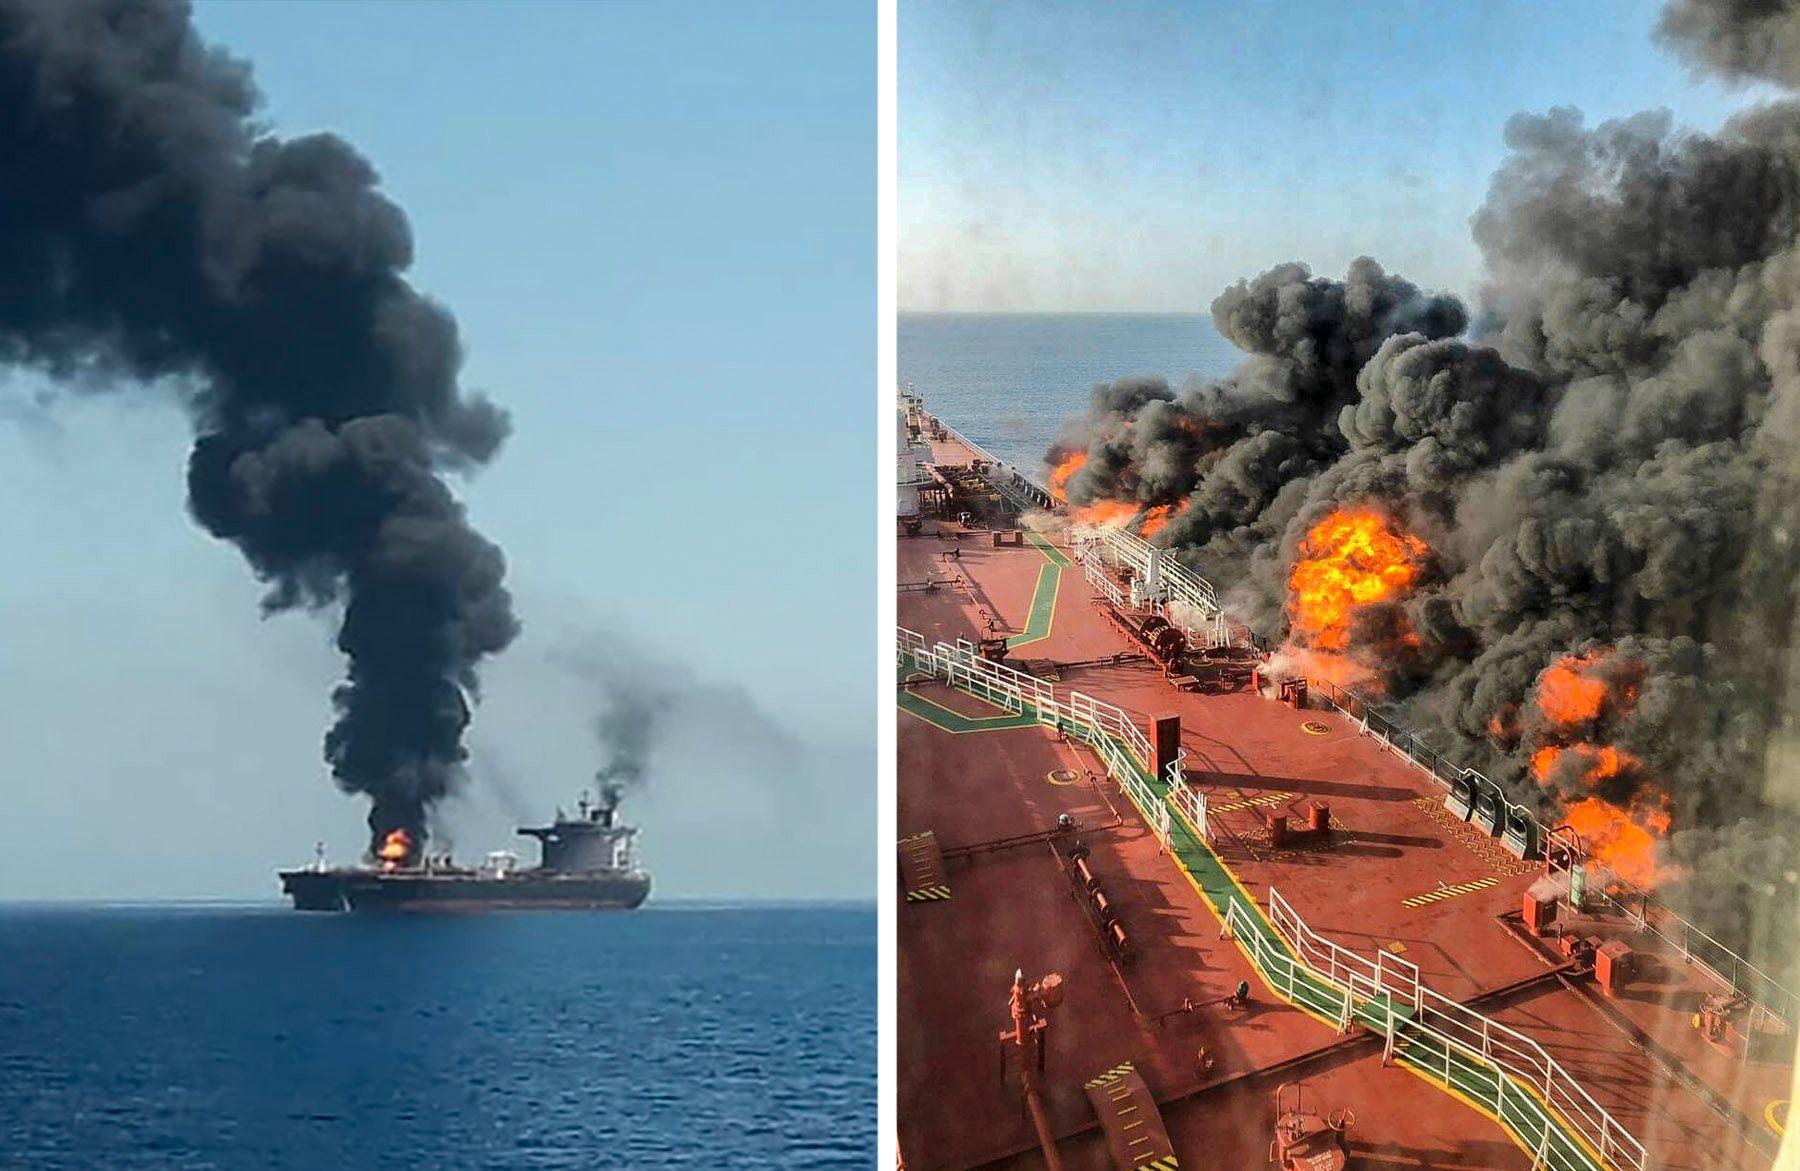 ANGREPET: Etter en eksplosjon brøt det ut brann om bord på tankskipet Front Altair i Omanbukta. Skipsfører på Front Altair sendte angivelig en dramatisk nødmelding.